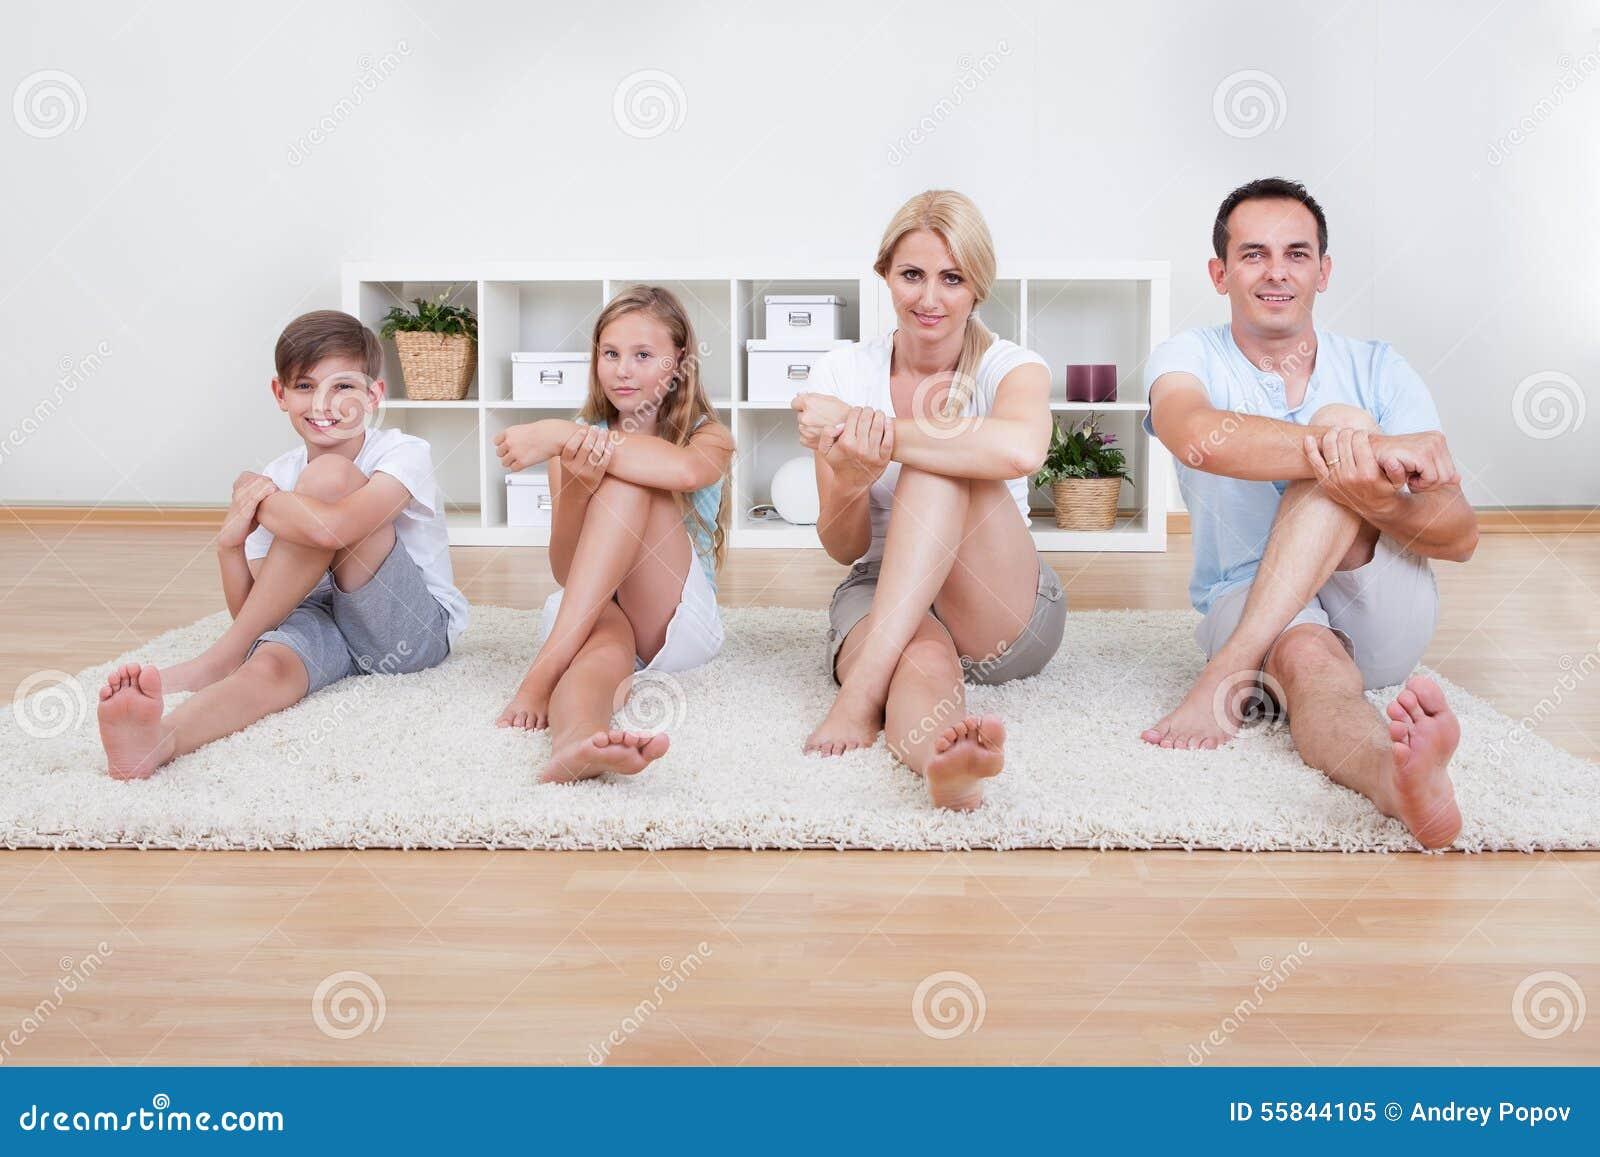 porno-argazm-papa-i-dochka